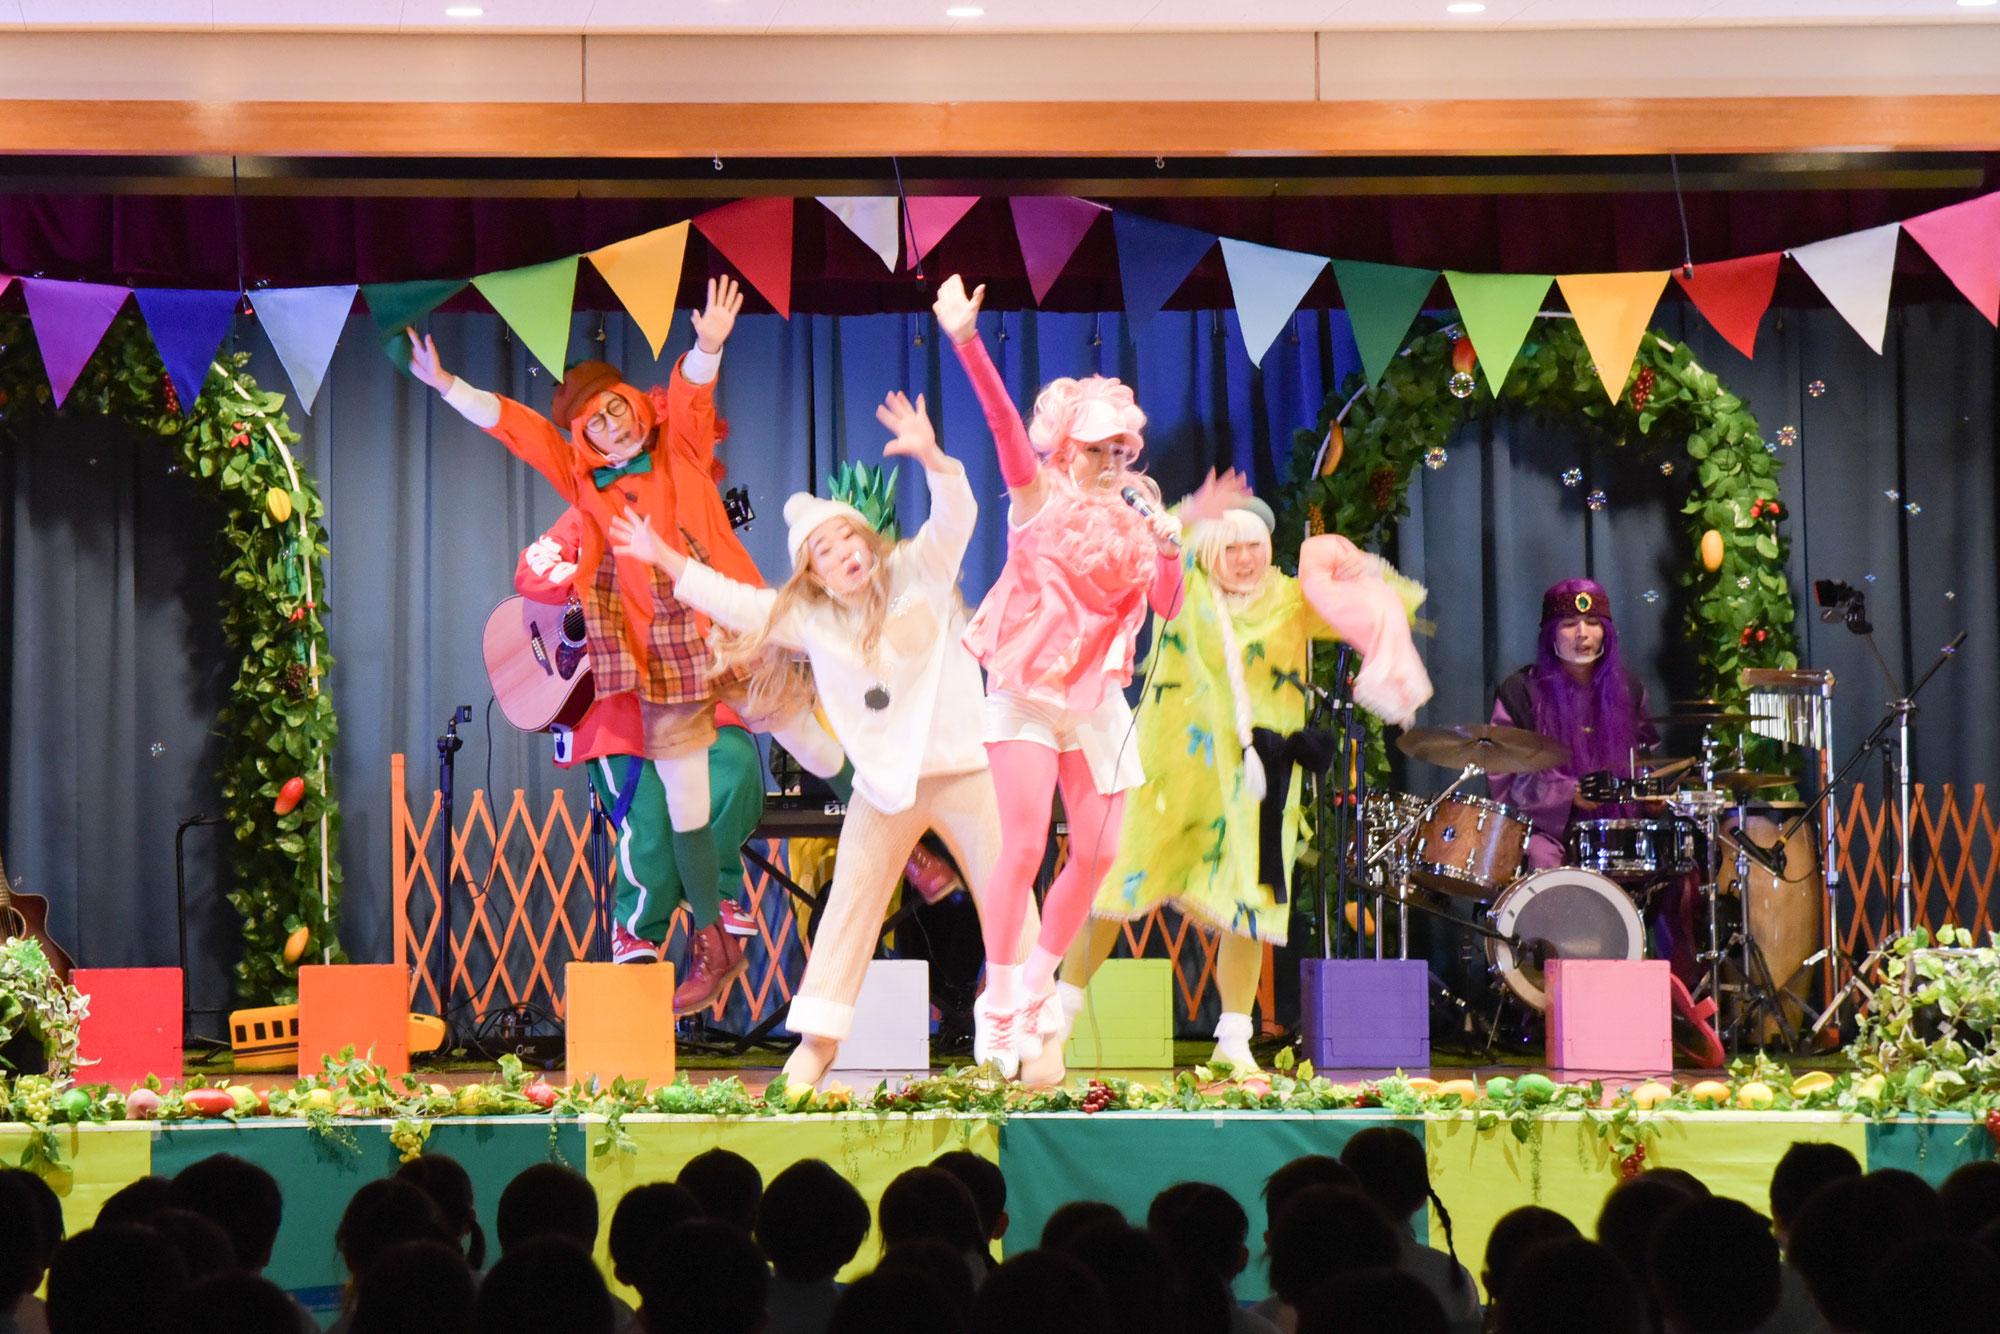 古和釜幼稚園で船橋のなしが主人公のミュージカル、ママさんダンサー達も大活躍!